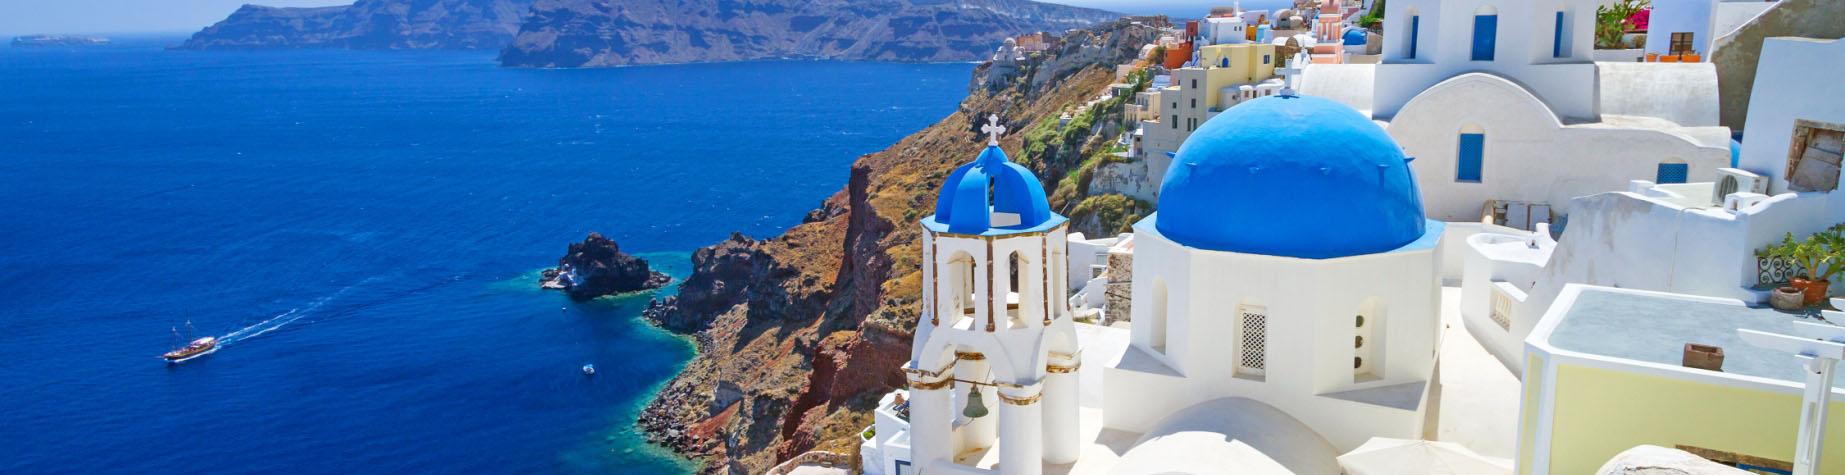 Een niet te vergeten Grieks uitzicht